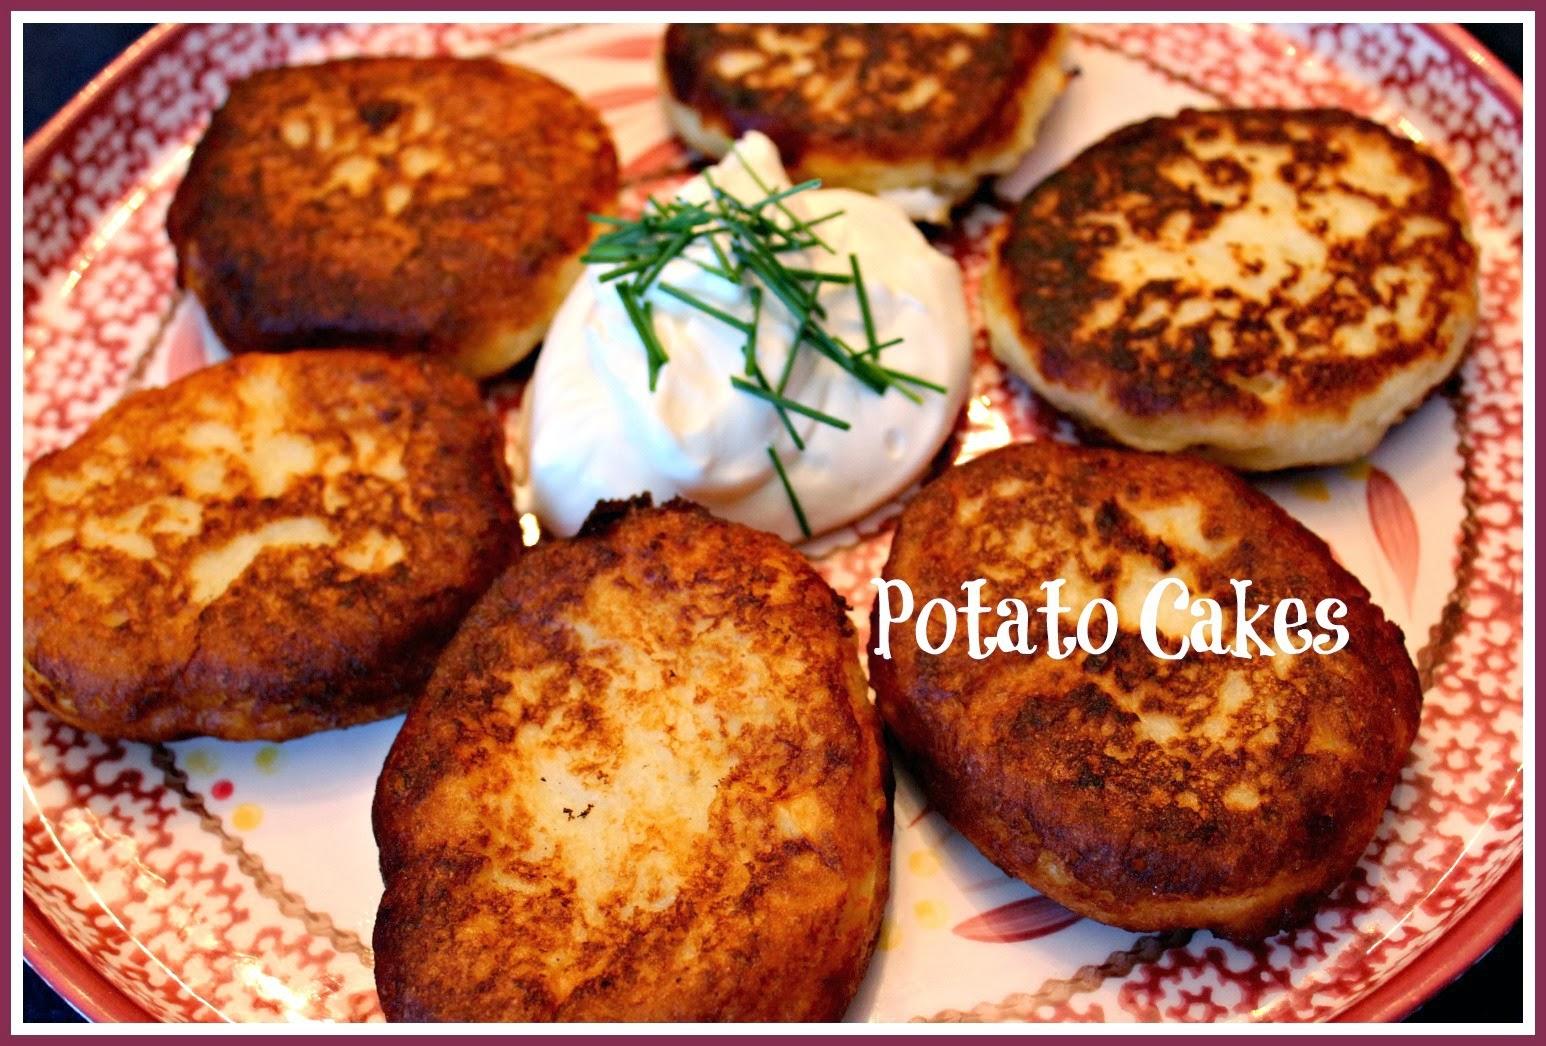 Potato Cakes!